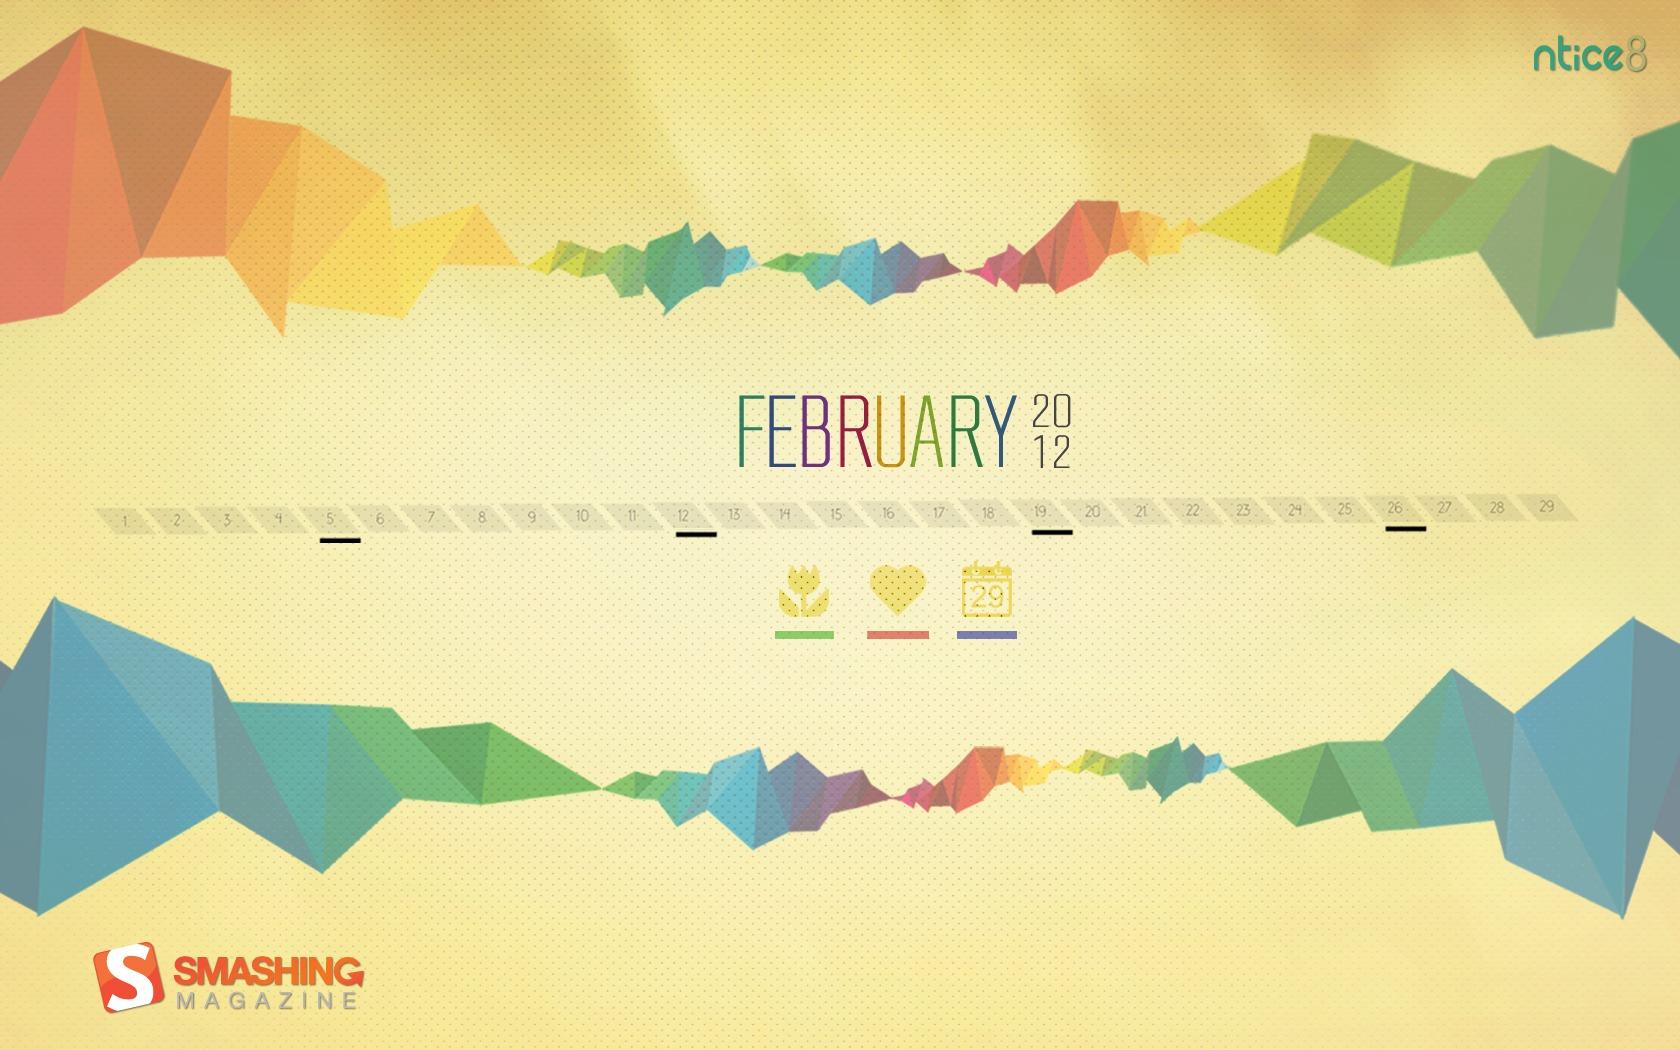 Desktop Wallpaper Calendars: February 2012 – Smashing Magazine